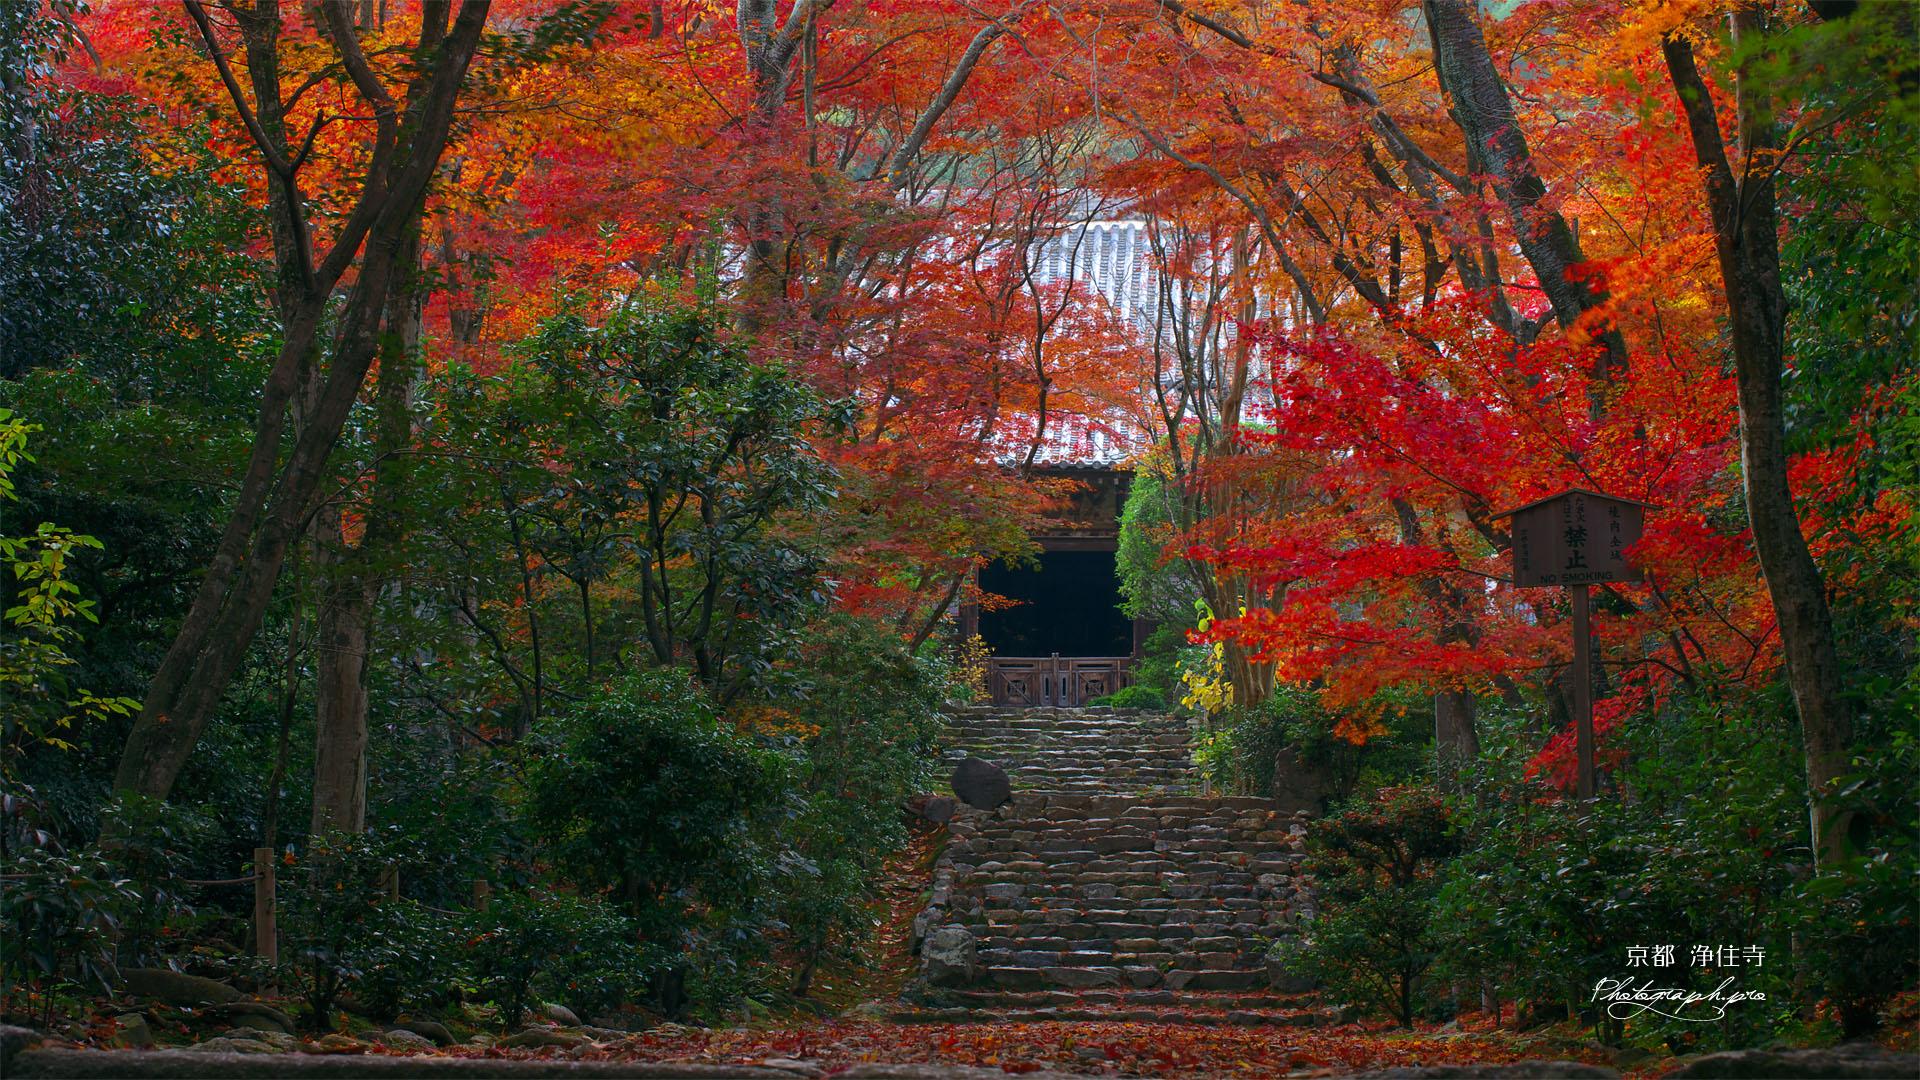 京都浄住寺の参道と紅葉